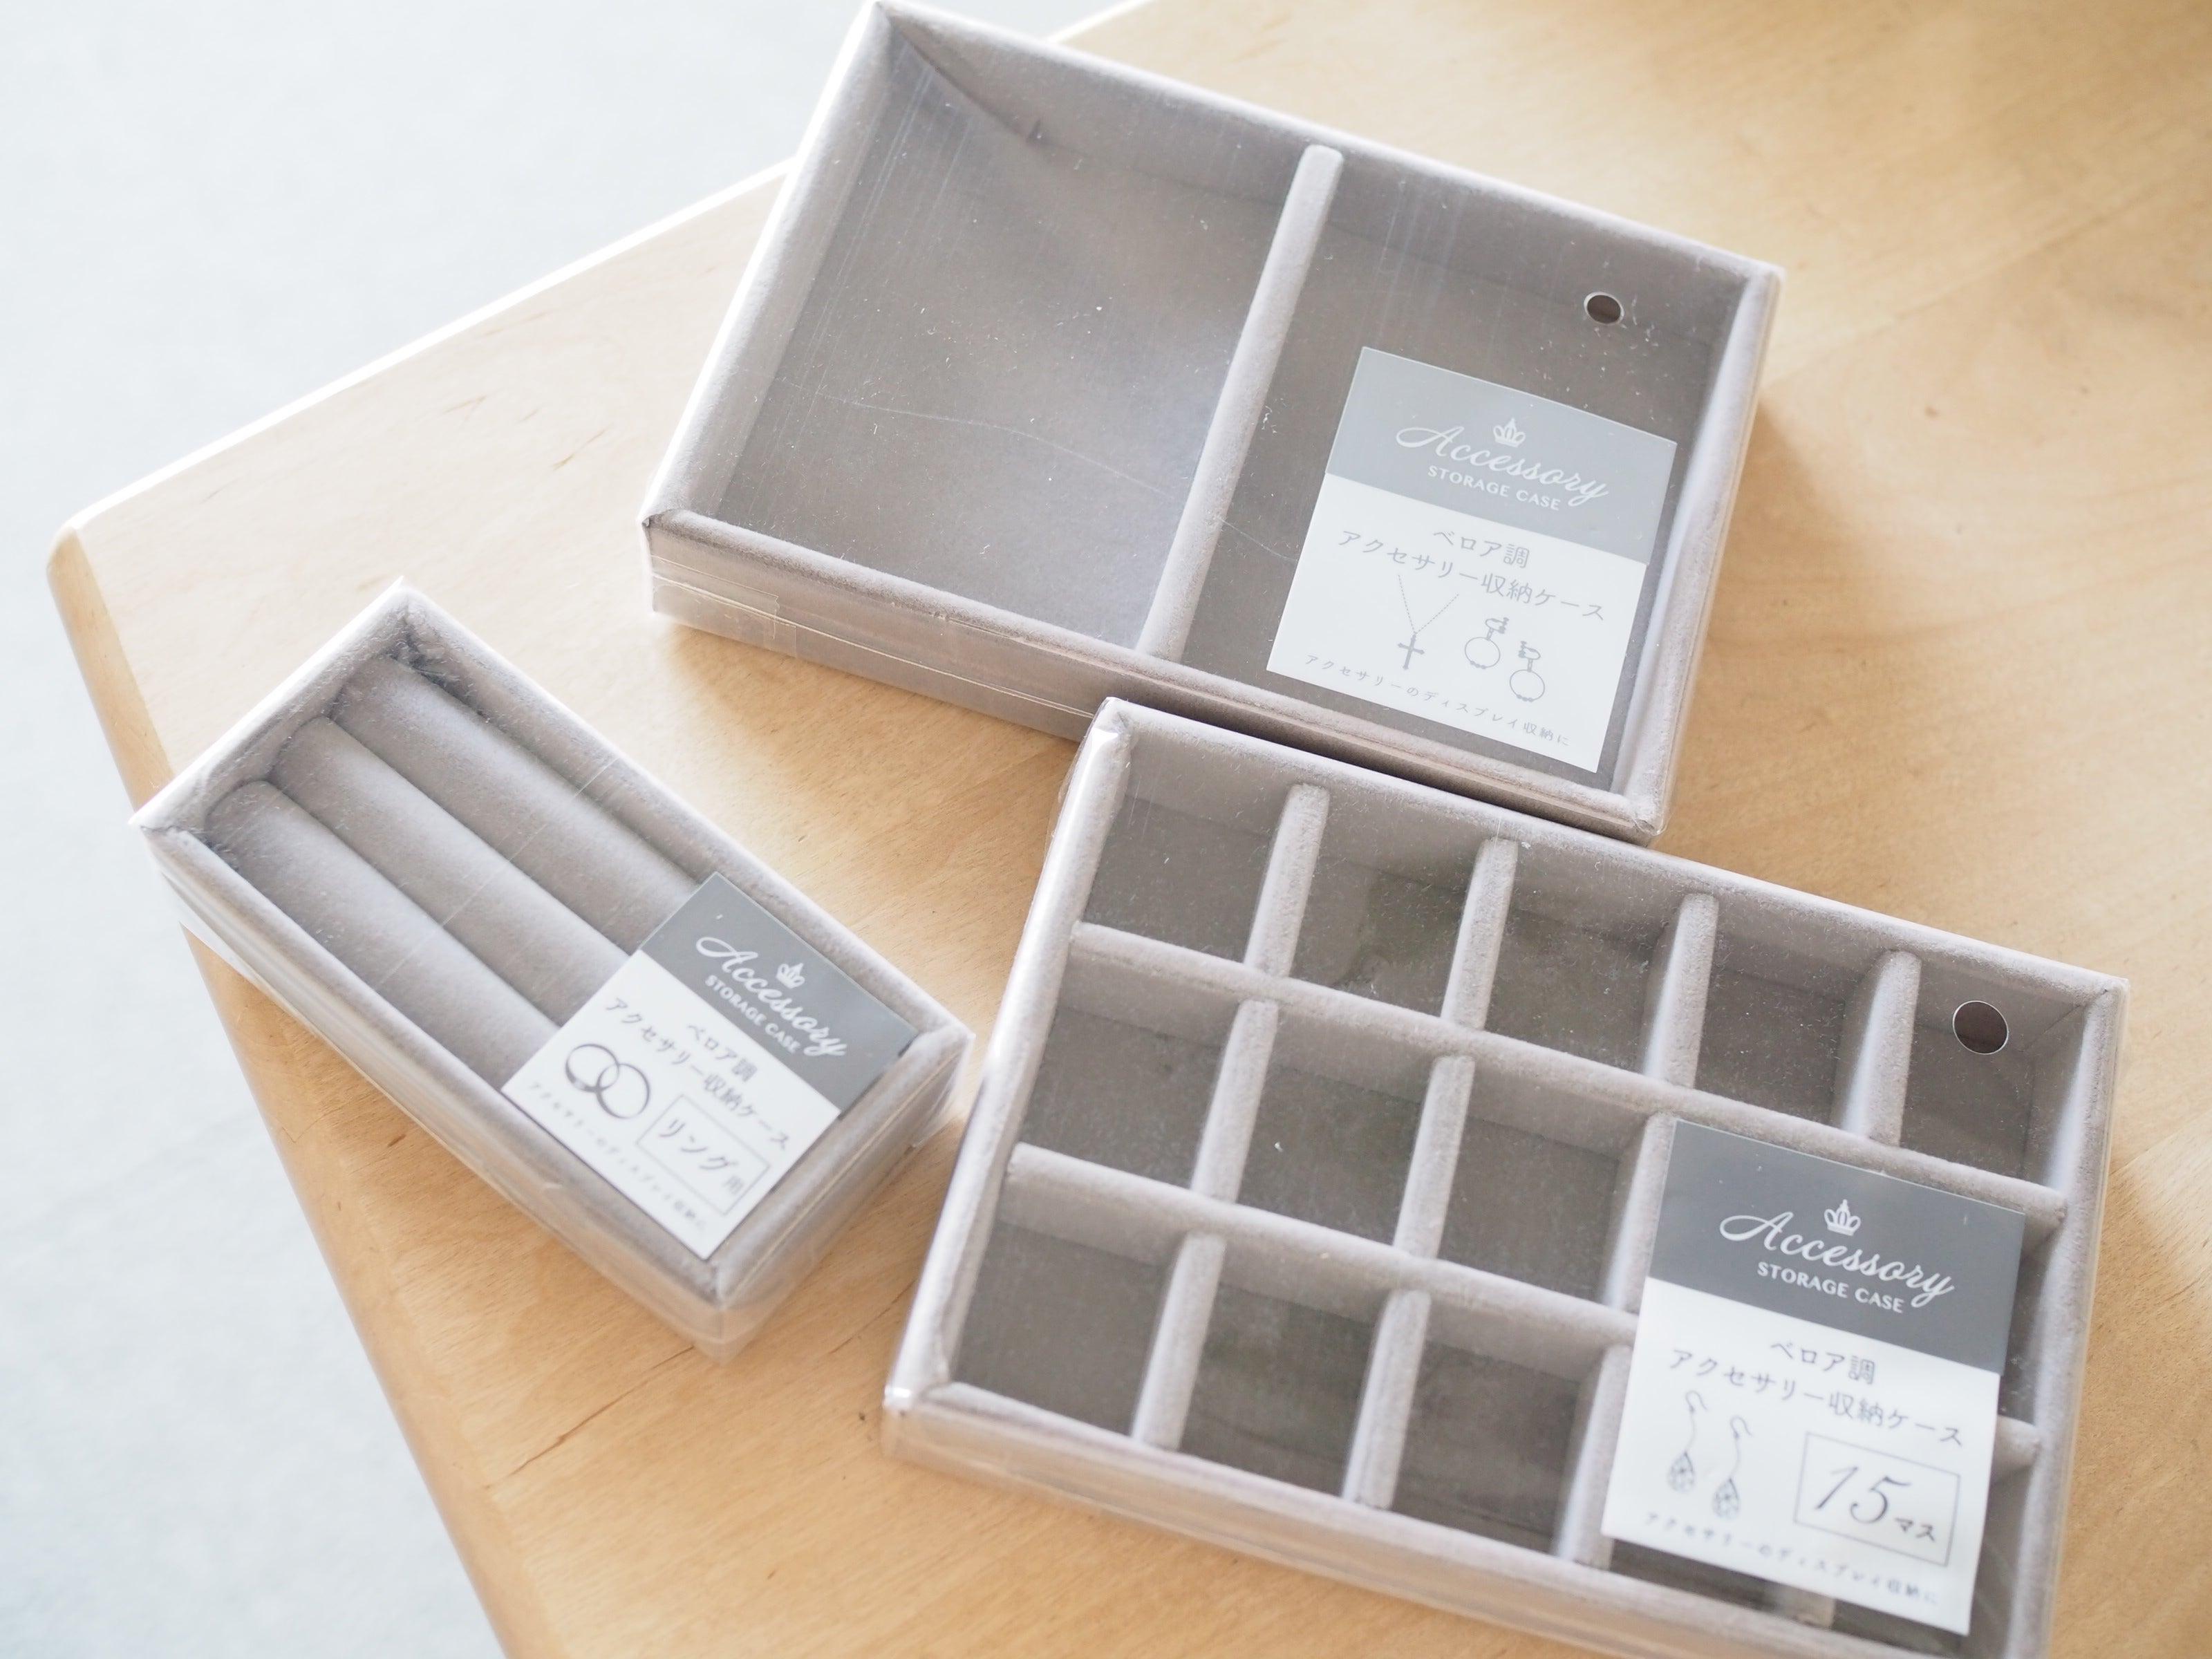 アクセサリー ボックス ダイソー おしゃれな手作りジュエリーボックスのDIYアイデア10選!100均グッズが便利?